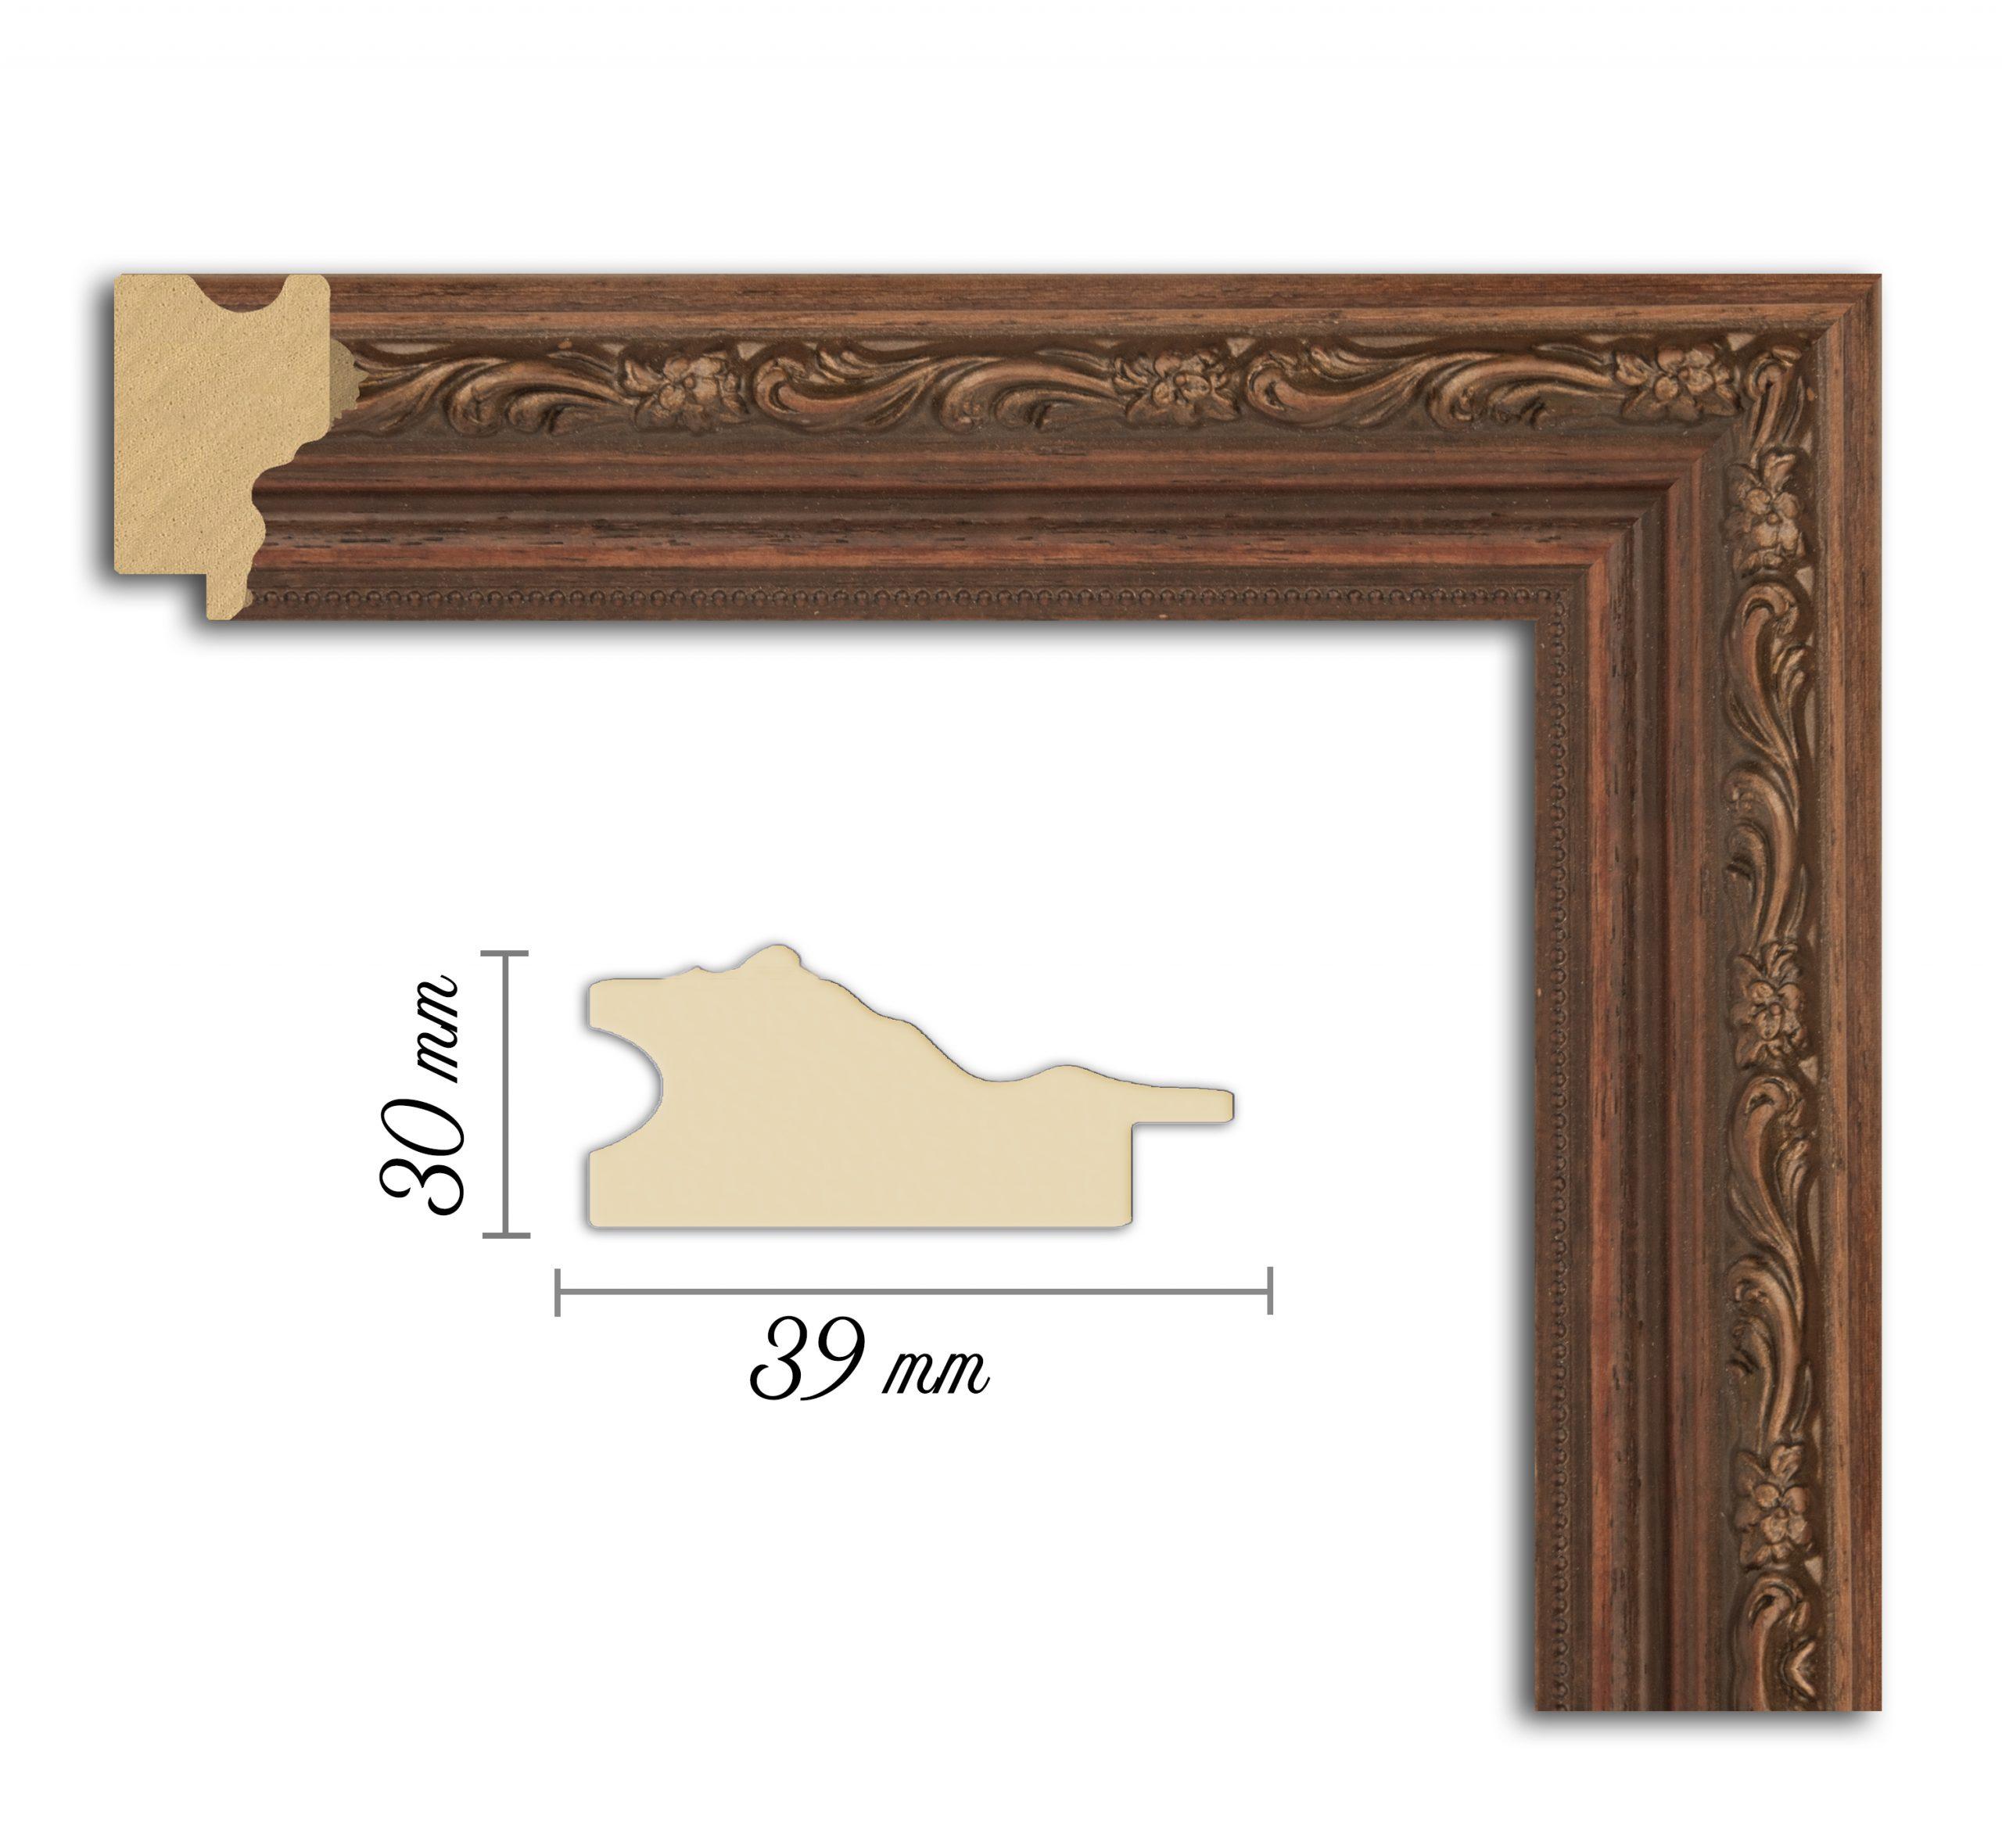 Дървен профил 06-39, Дървени профили за рамки, рамкиране, рамки за картини, рамки за гоблени, профили за рамки, профили за рамкиране, рамки от дърво, дървени рамки, профили за рамки, профили за рамкране, рамкиране на картини; рамка с орнаменти, кафява релефна рамка рамка, рамка с орнаменти, кафява рамка; Рамка дърворебза, профил с орнаменти